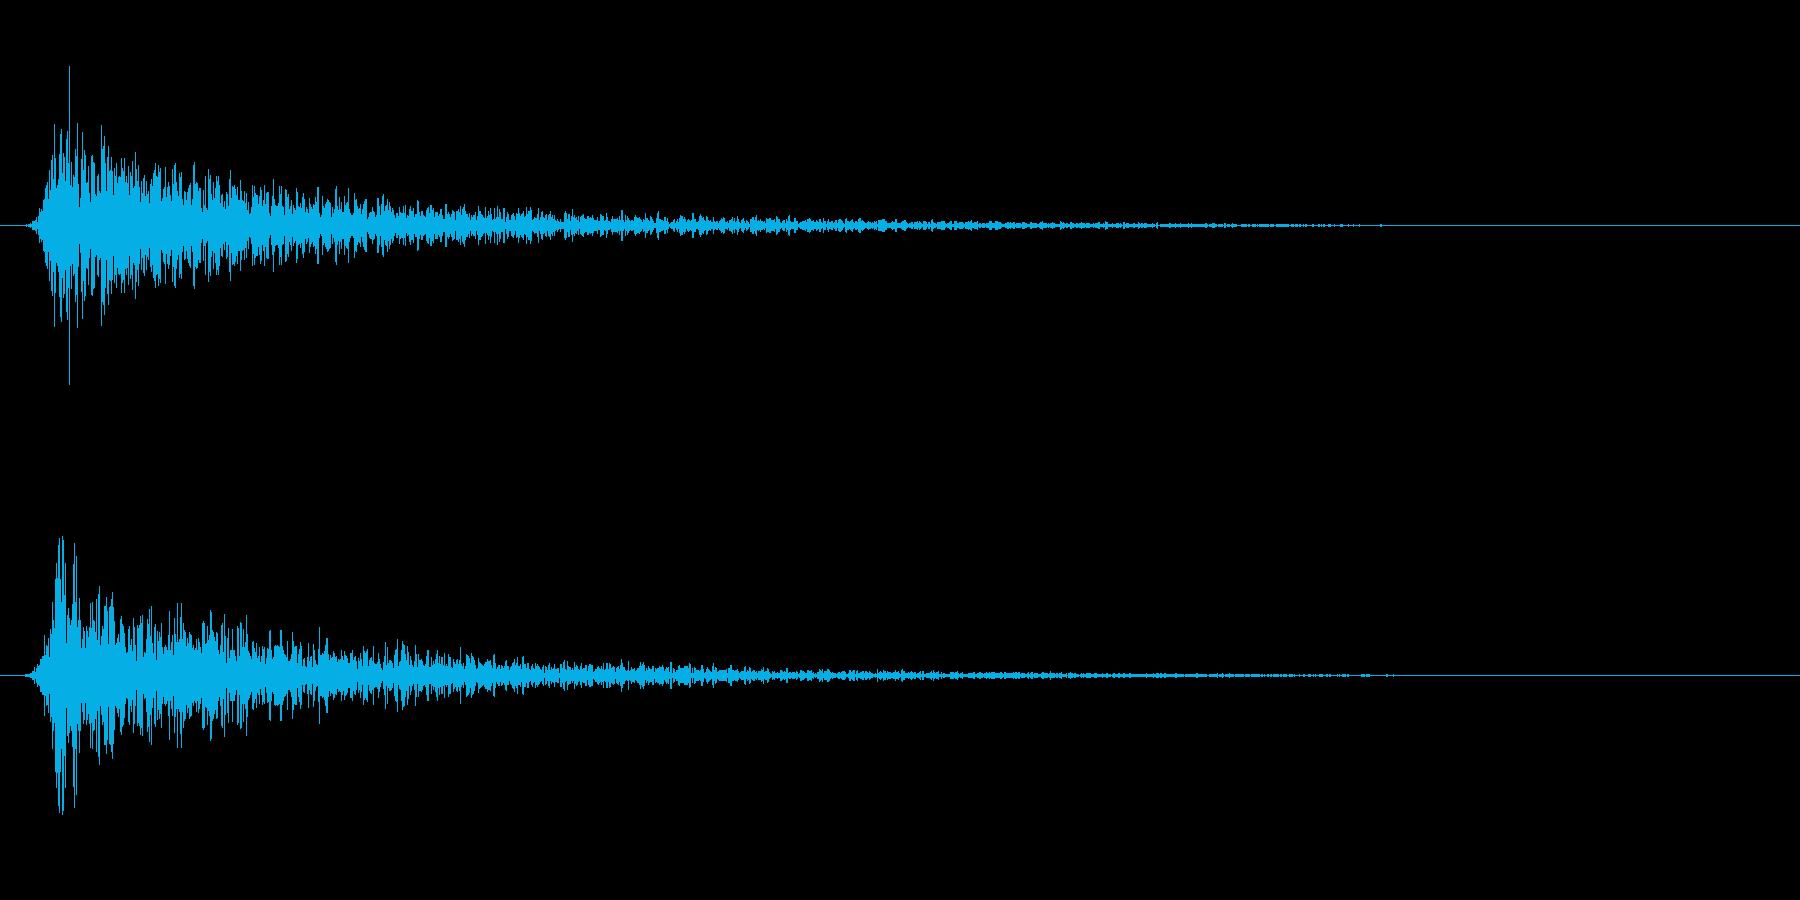 遠い鈍い鈍い怖いショートインパクト1の再生済みの波形